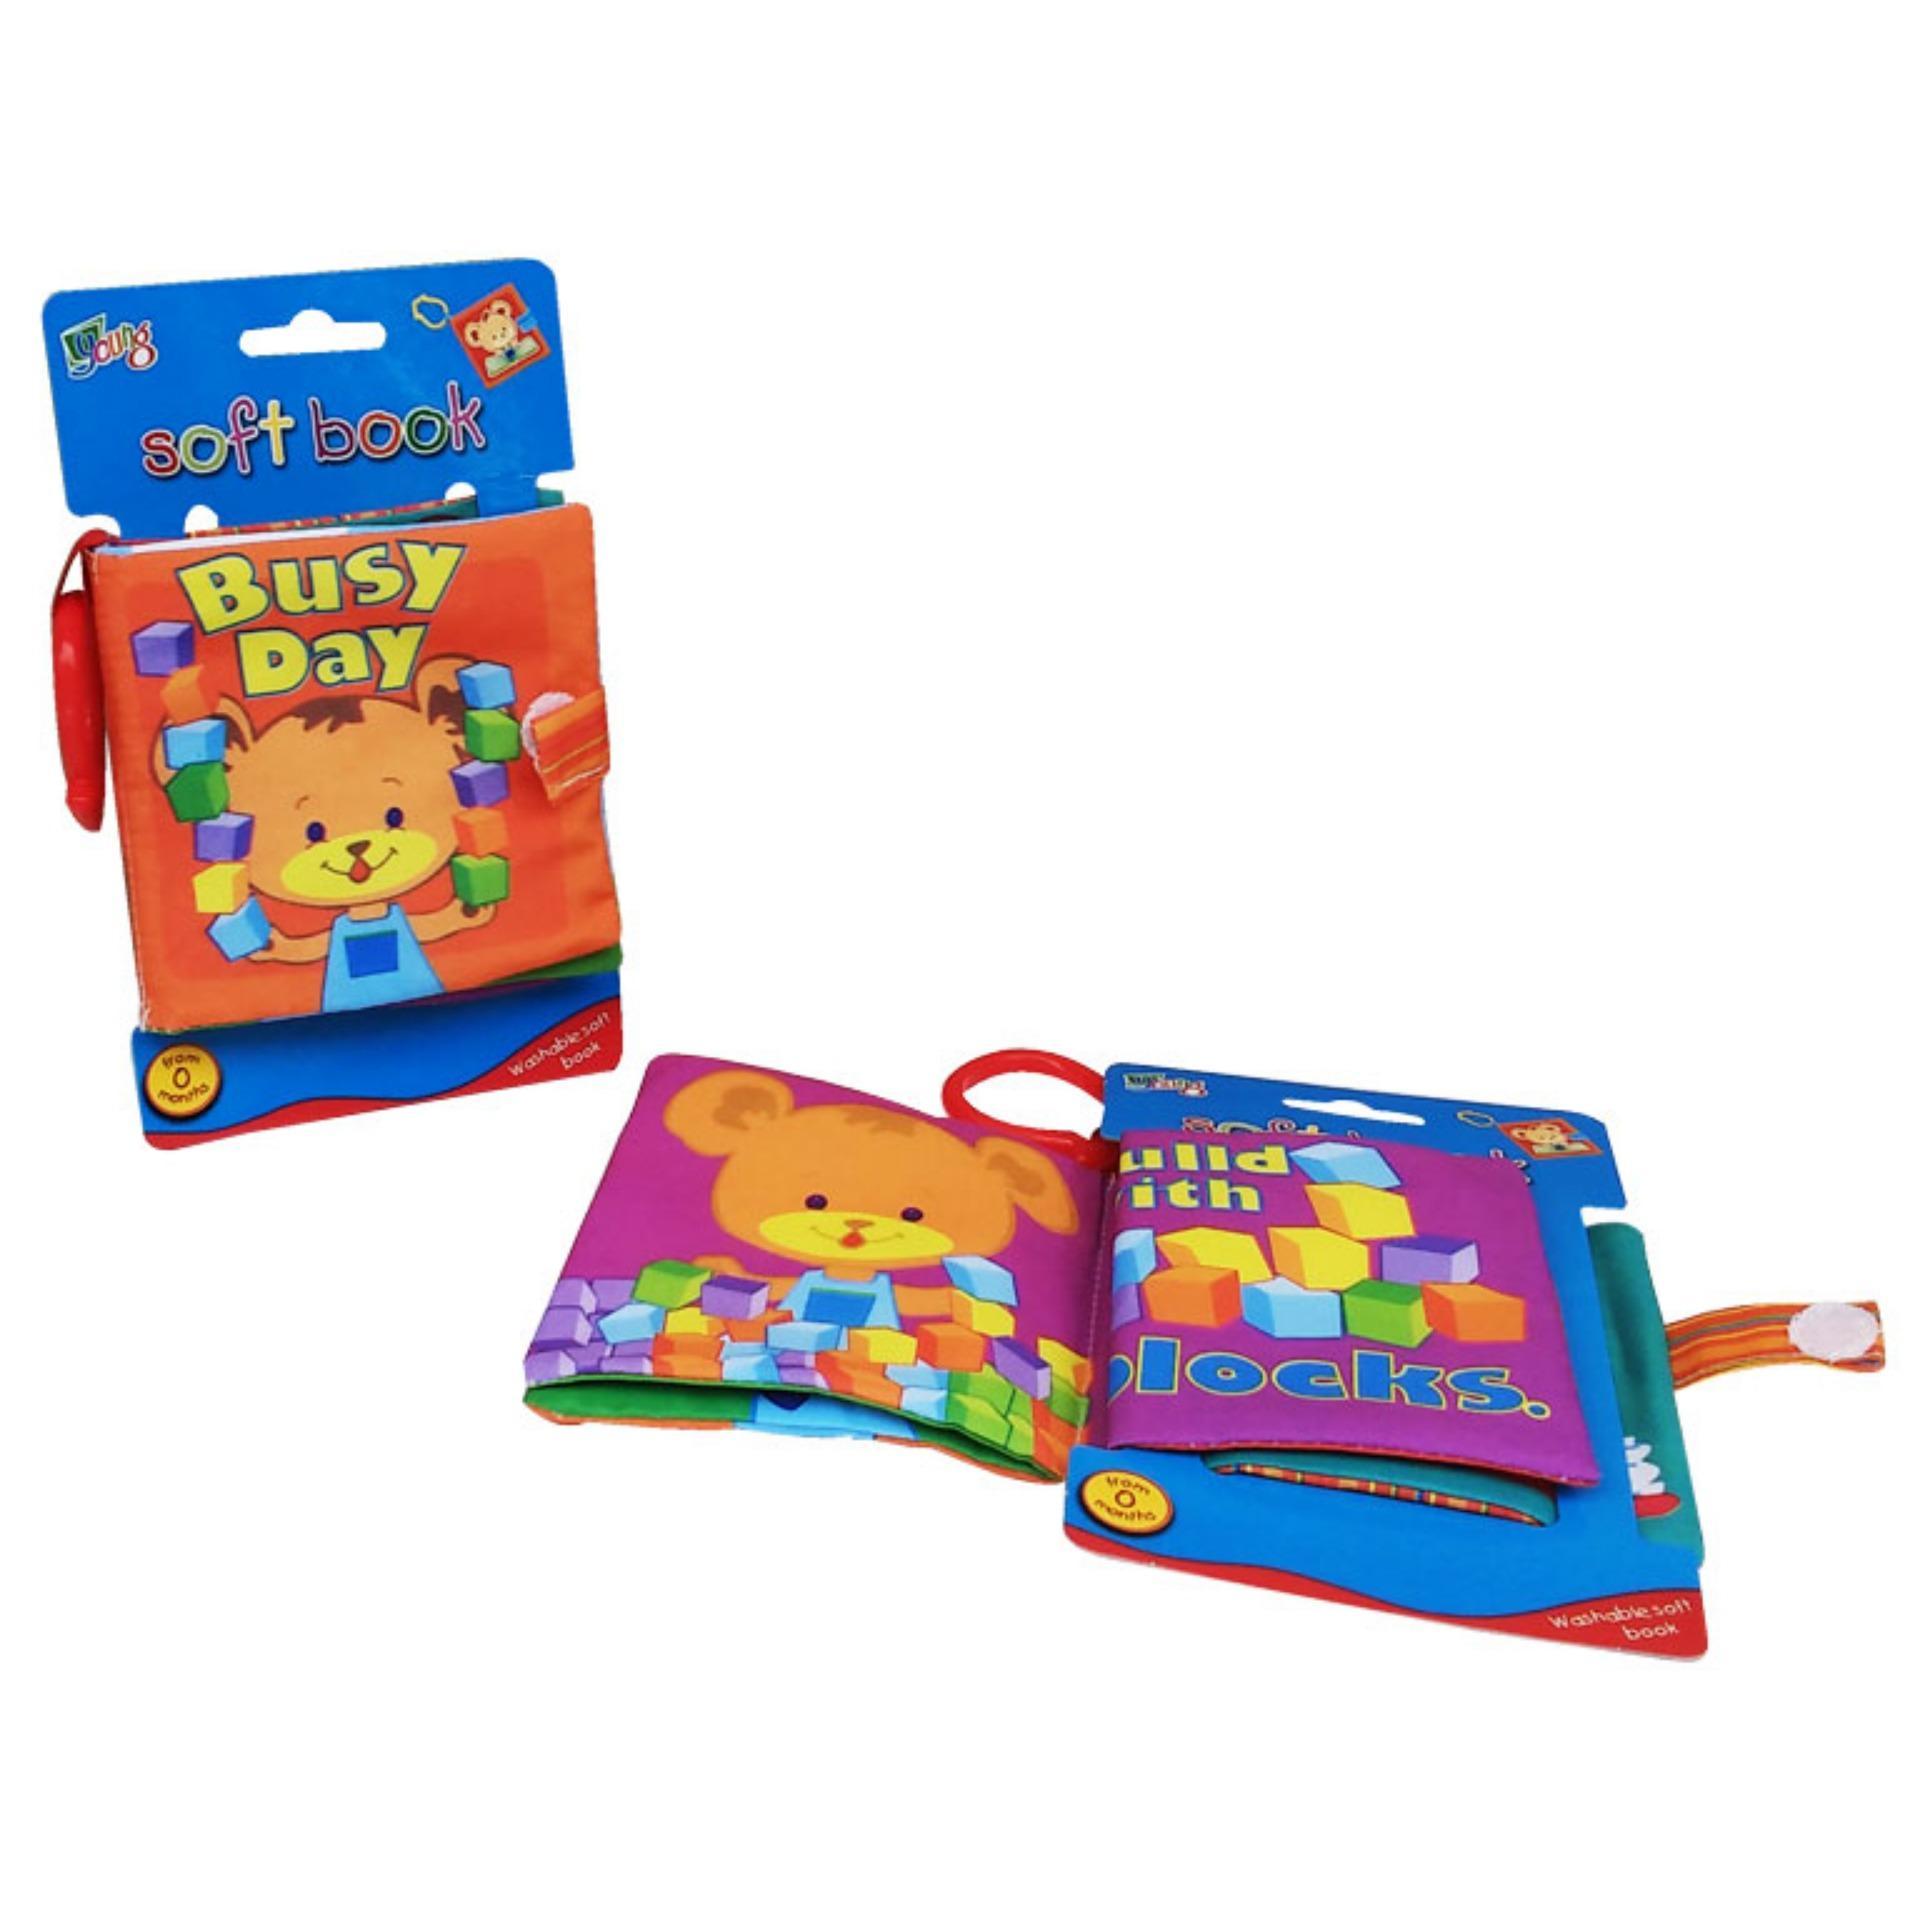 Cari Bandingkan Baby Talk Softbook Bussy Day Buku Cerita Anak Mainan Edukasianak Bayi Murah